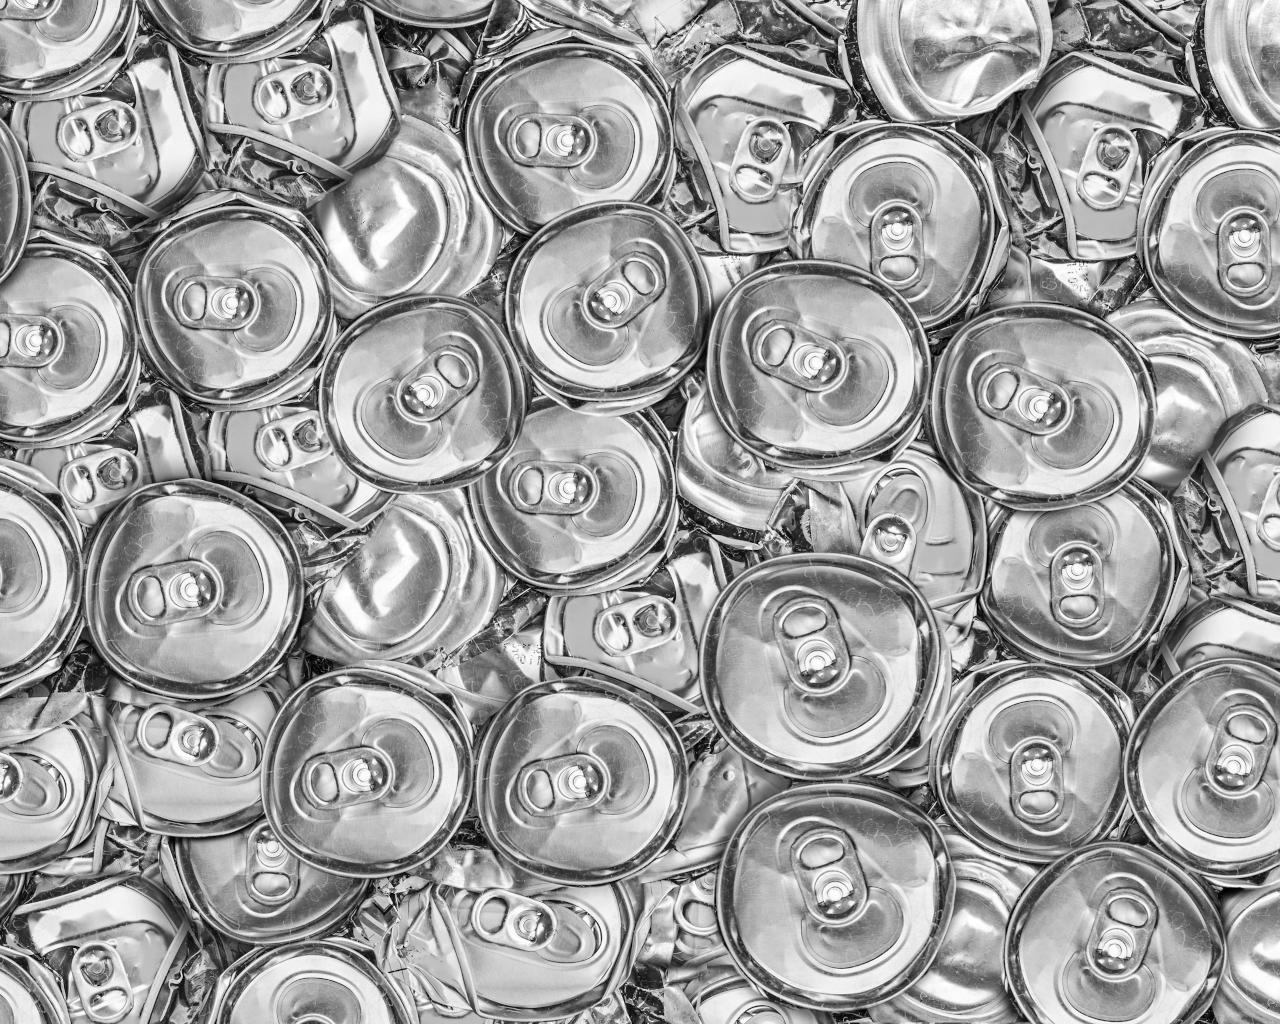 Ανακύκλωση Σιδηρούχου & Μη Σιδηρούχου Μεταλλικού Skrap - Aegean Recycling Εταιρεία Ανακύκλωσης & Επεξεργασίας Αποβλήτων Αστικού & Βιομηχανικού Τύπου